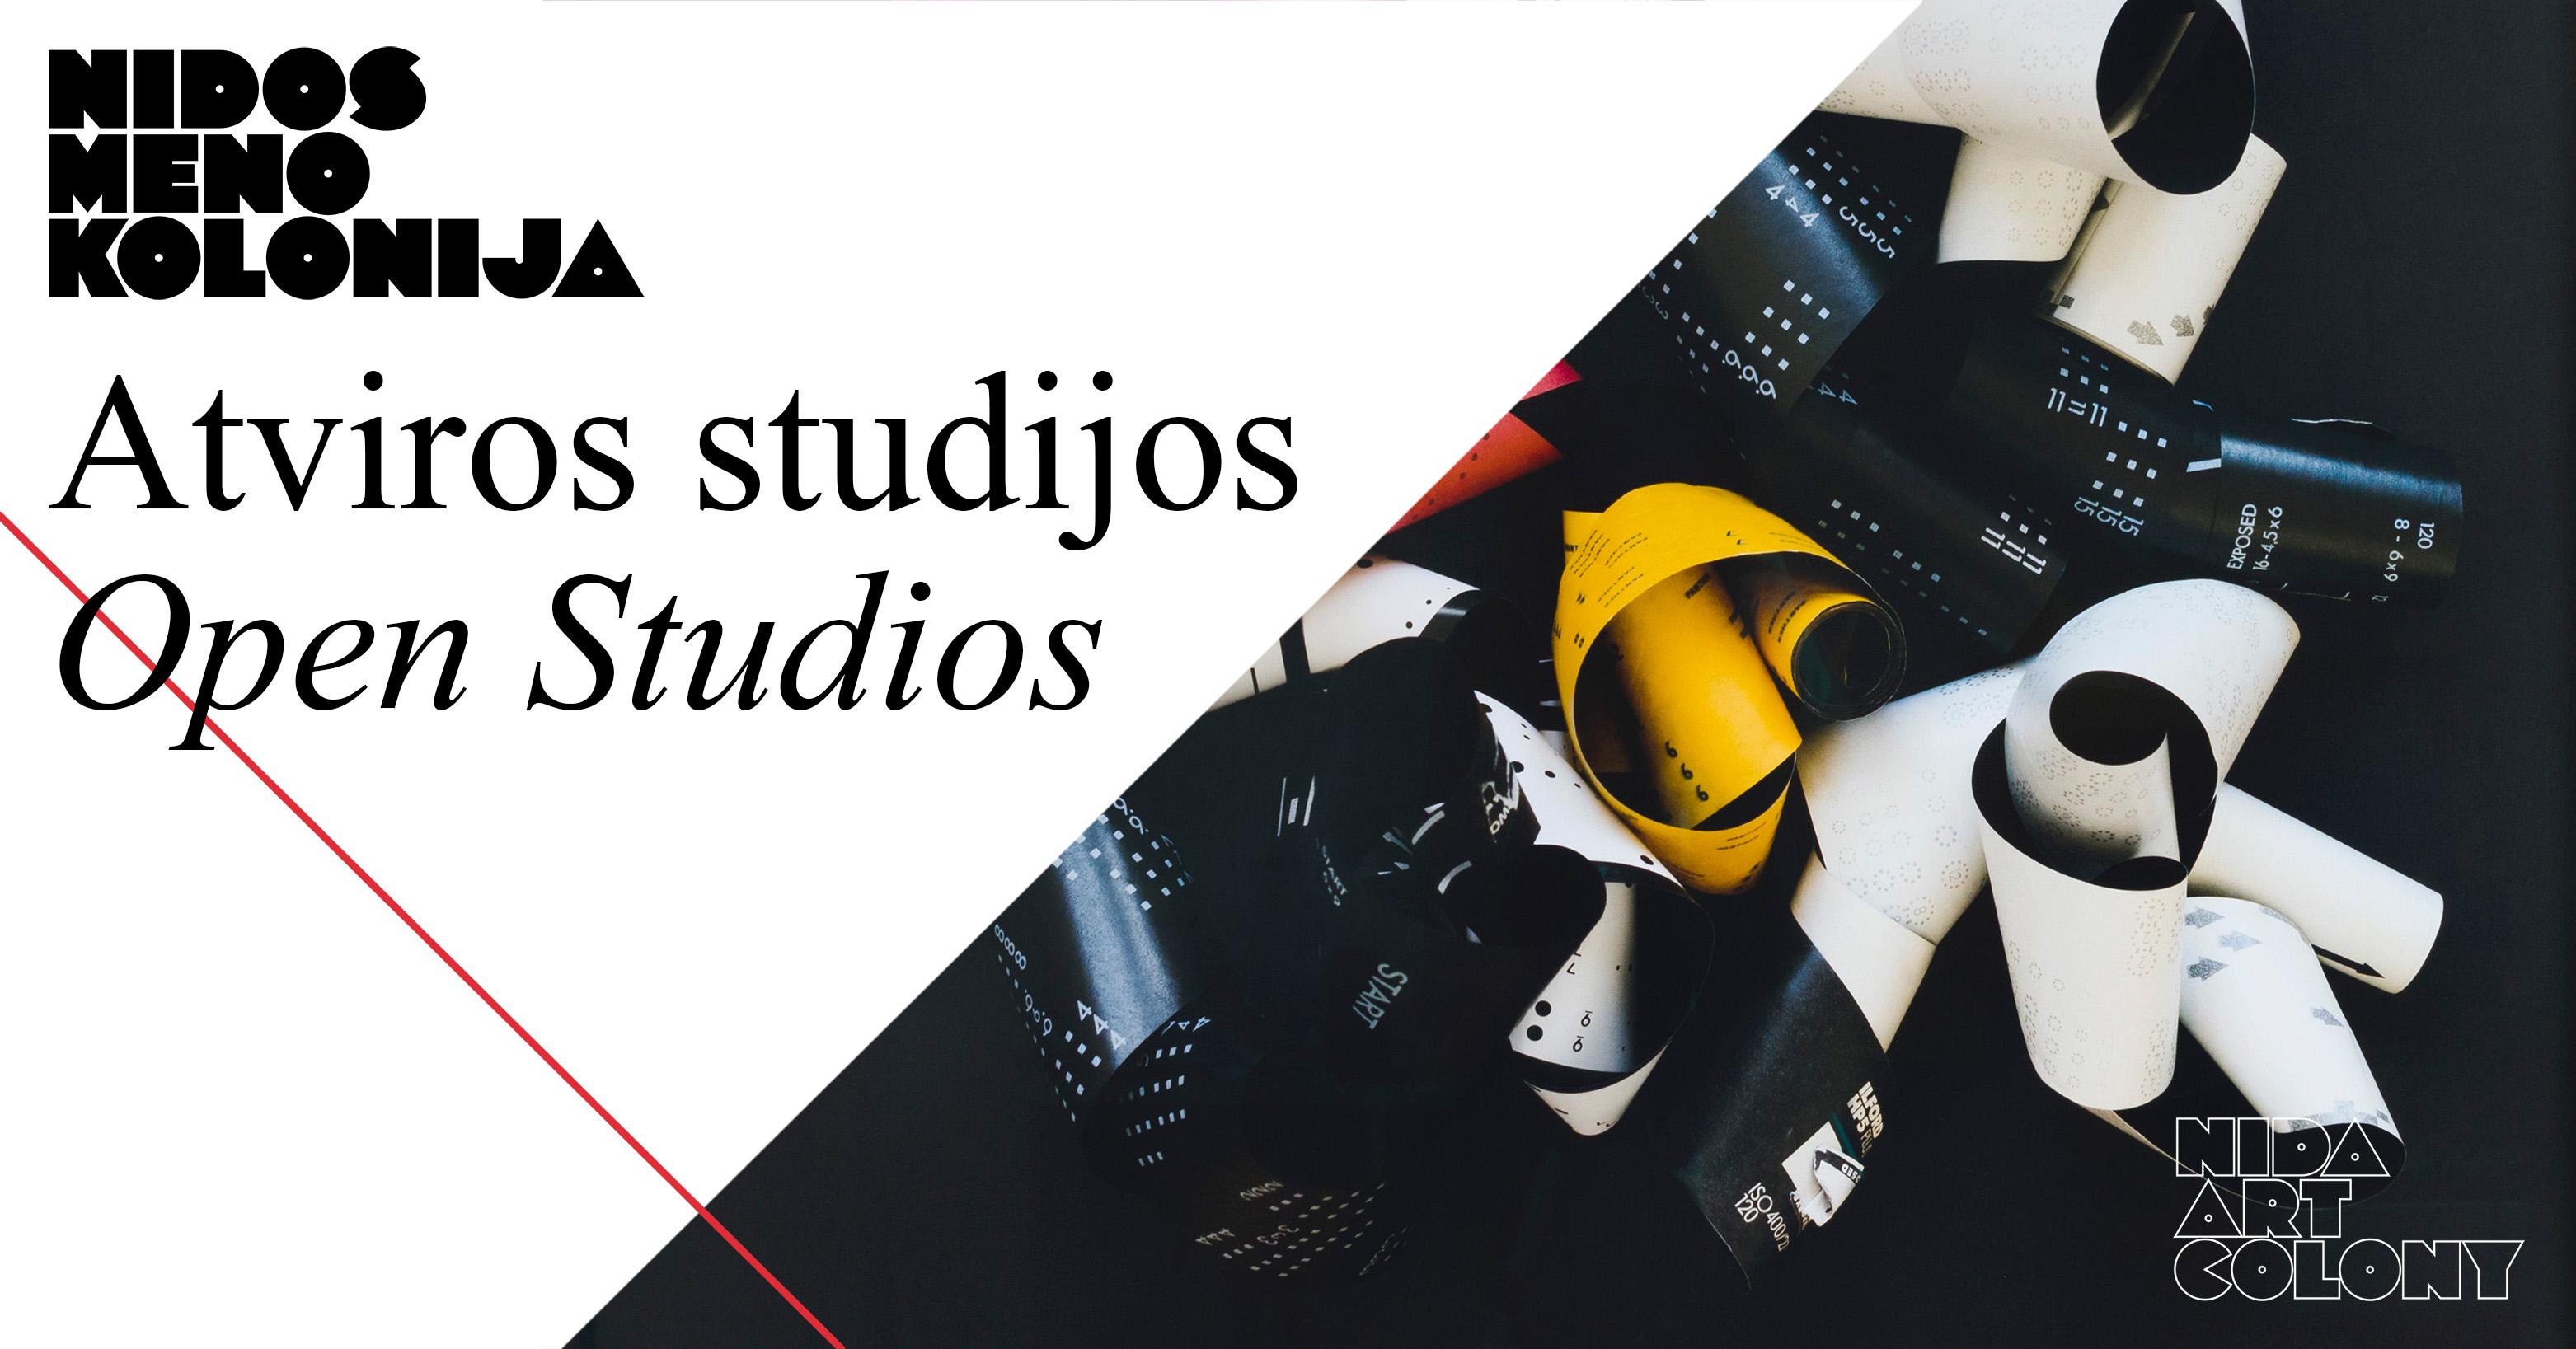 NMK OpenStudios FBevento sablonas